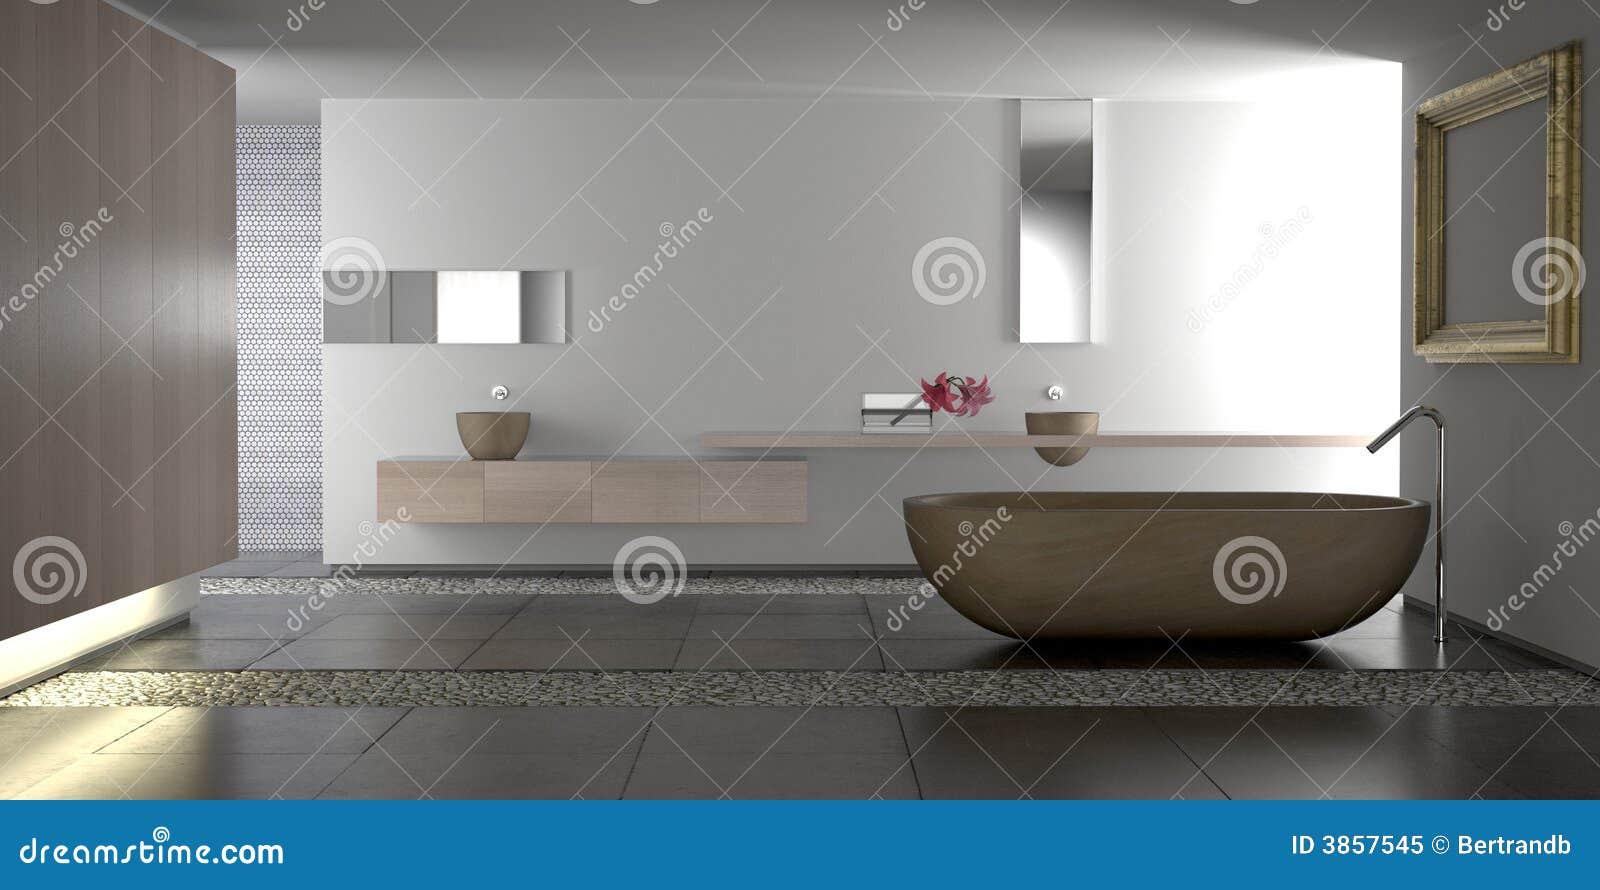 Salle de bains moderne de luxe photo libre de droits for Salle de bain ultra moderne